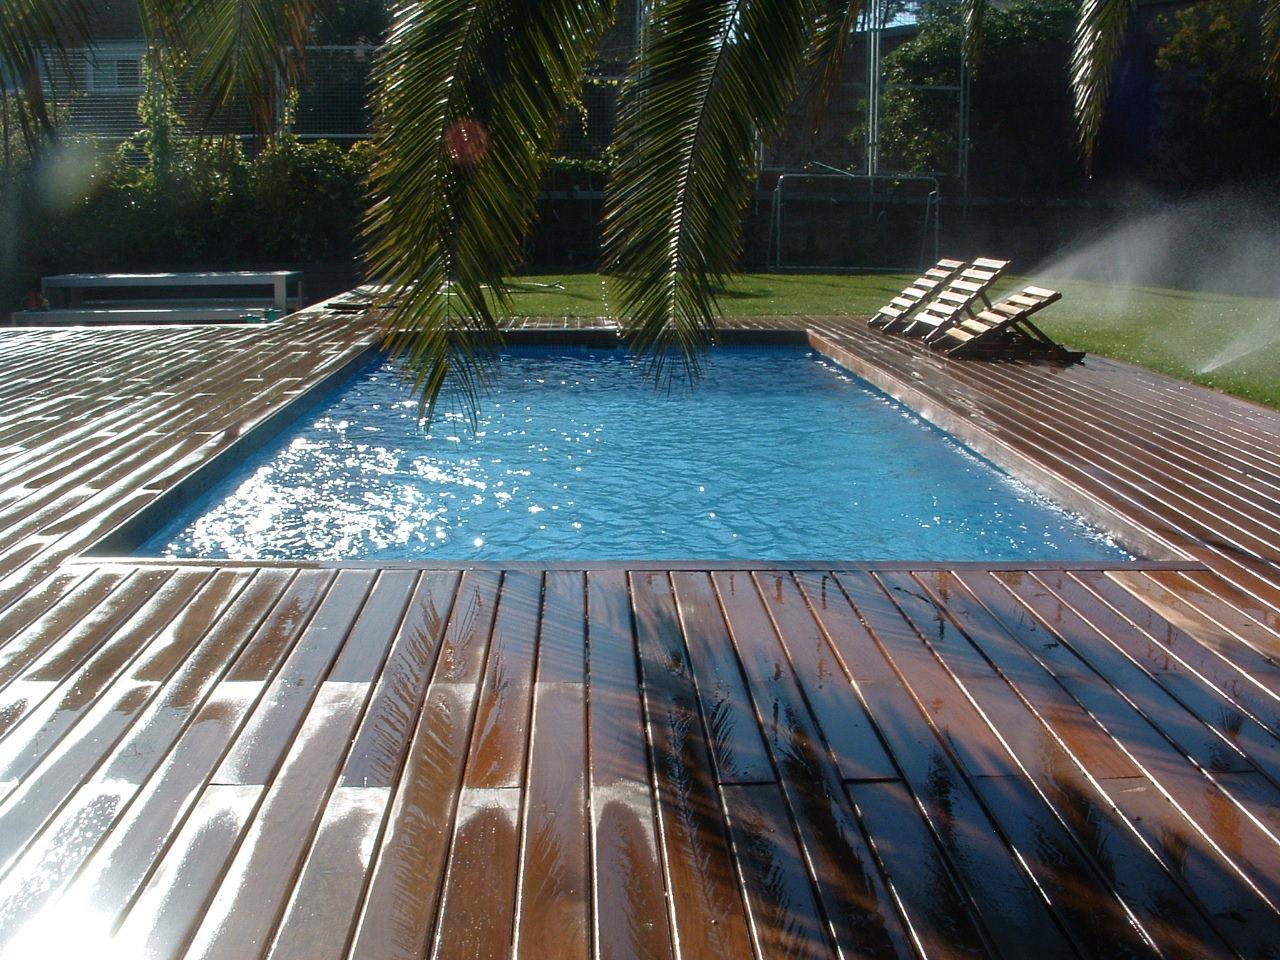 Jl padial cerrajer a de dise o estructuras exteriores y for Estructuras para piscinas